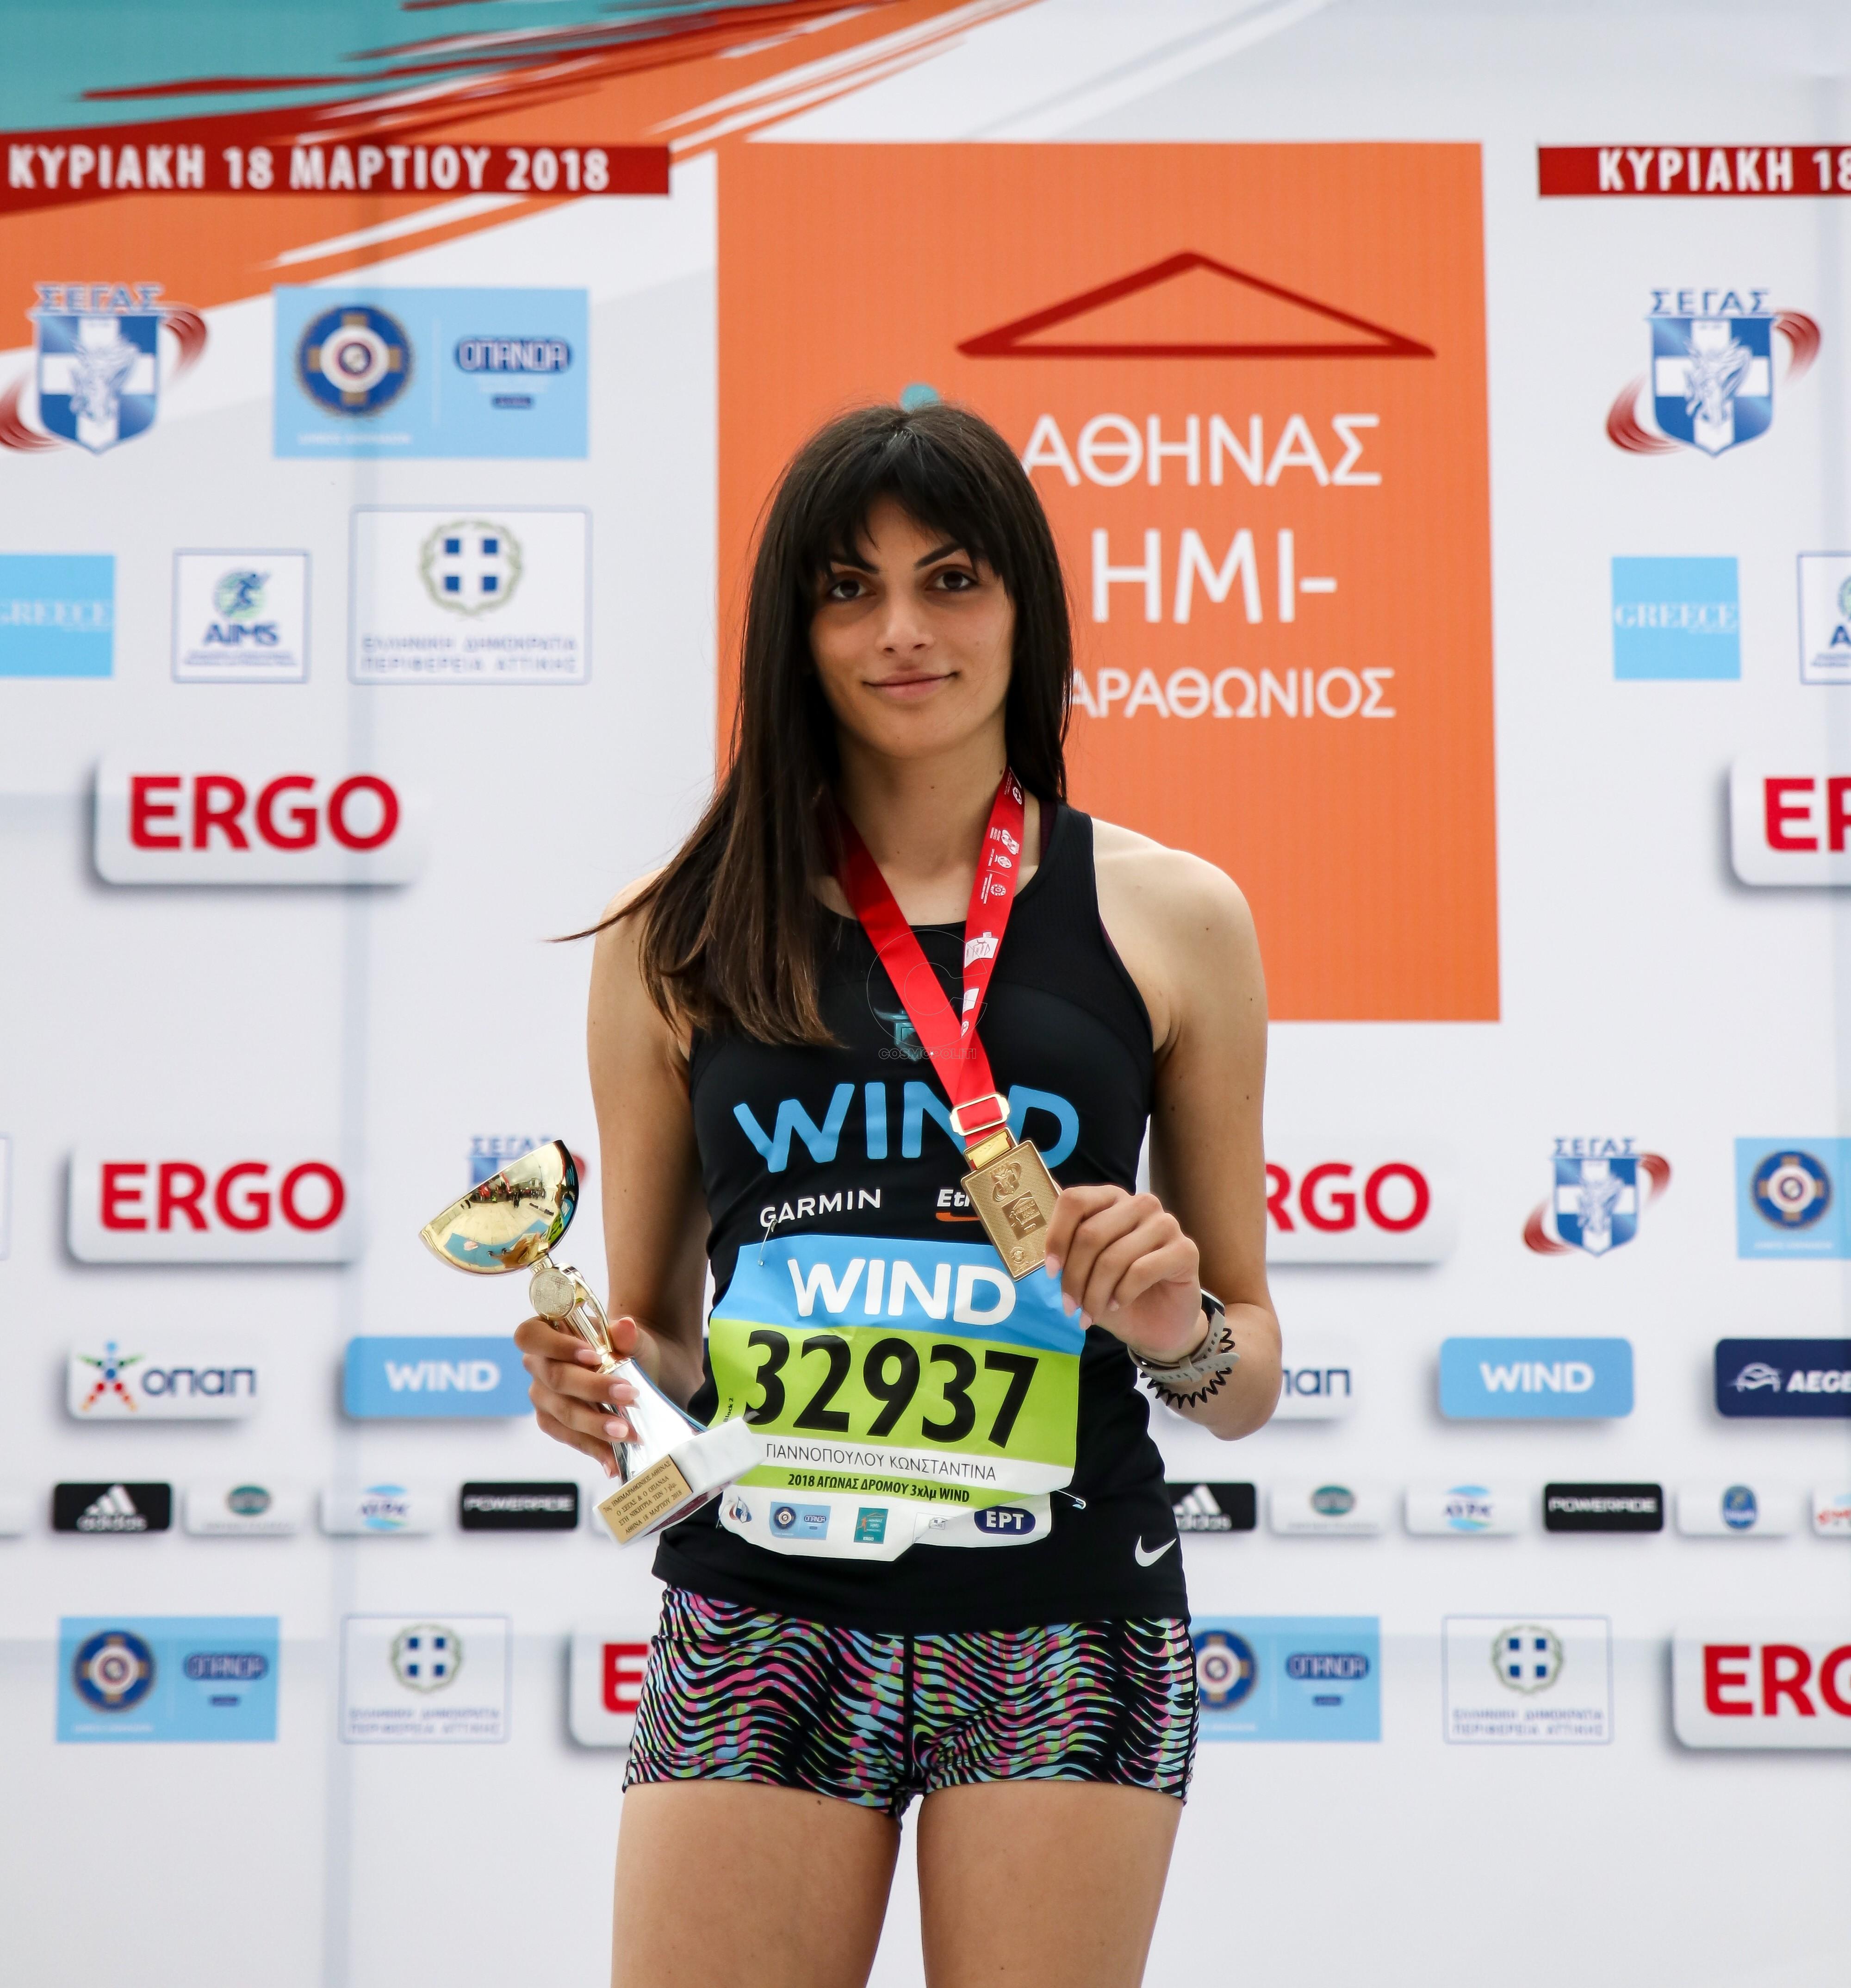 Κωνσταντίνα Γιαννοπούλου